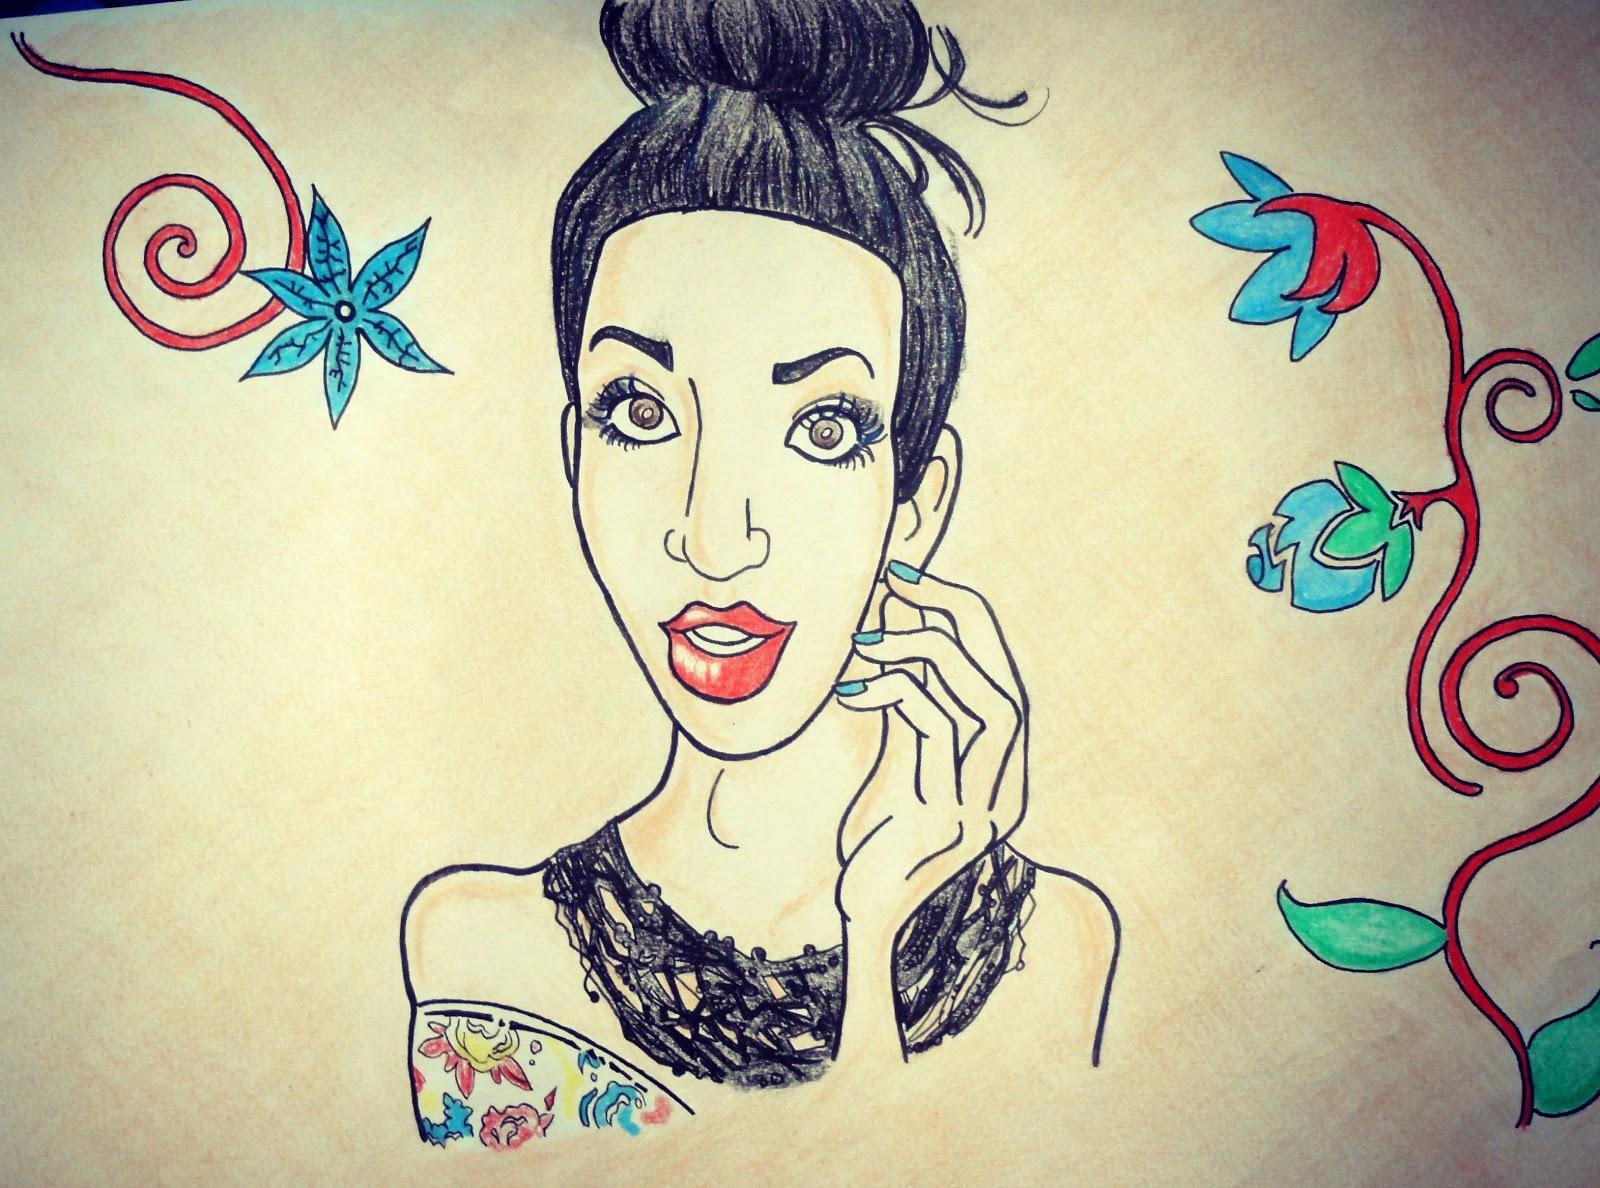 Simples Glamour: Pra Mim, O Desenho Mais Lindo Do Mundo